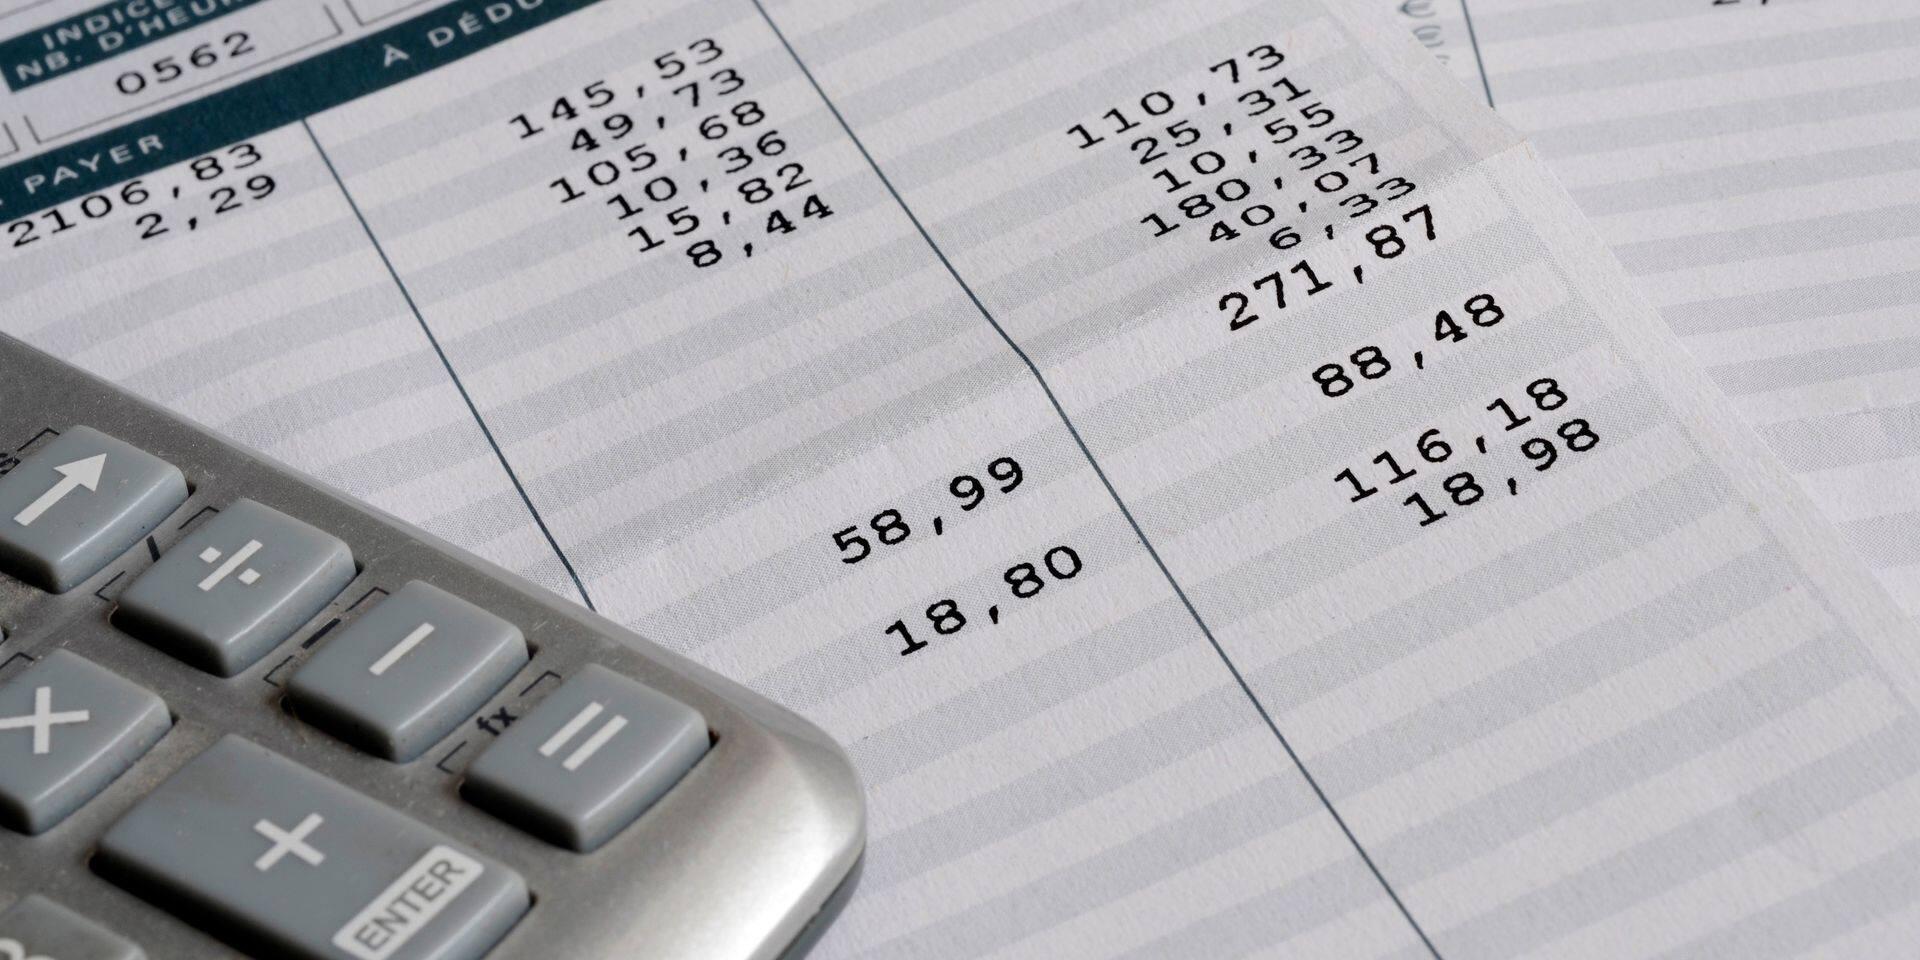 50 à 150 euros net en plus grâce à la réduction de la cotisation spéciale